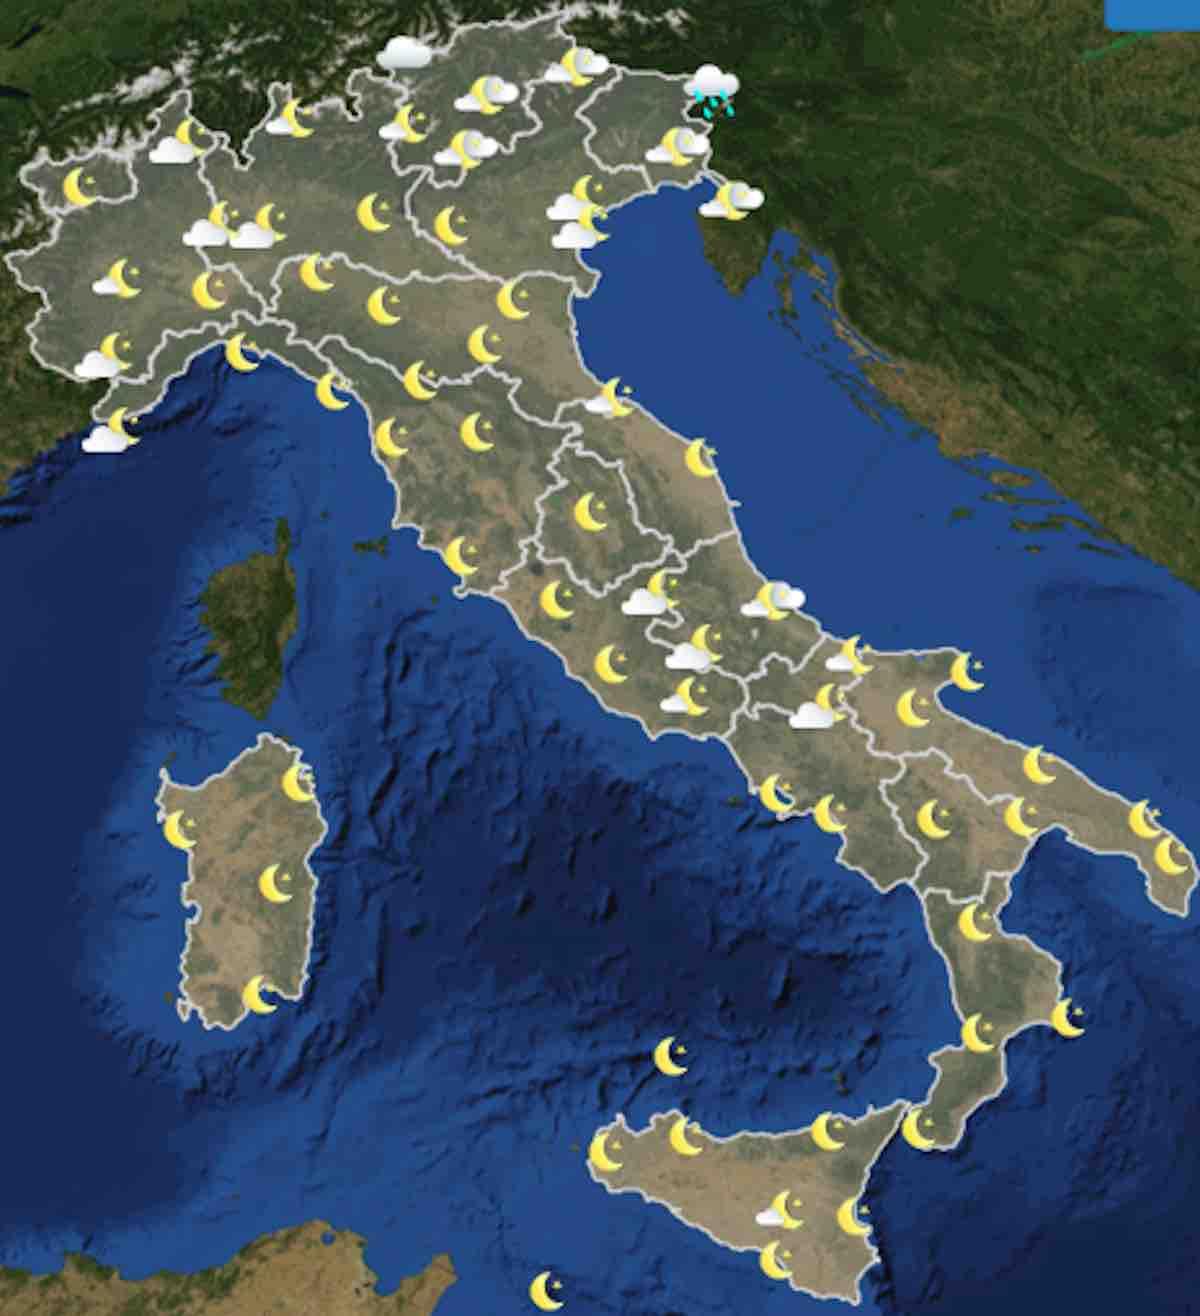 mappe ore 18 - Previsioni Meteo oggi domenica 21 luglio 2019 in Italia, tempo, temperature mari  e venti - meteoweek.com